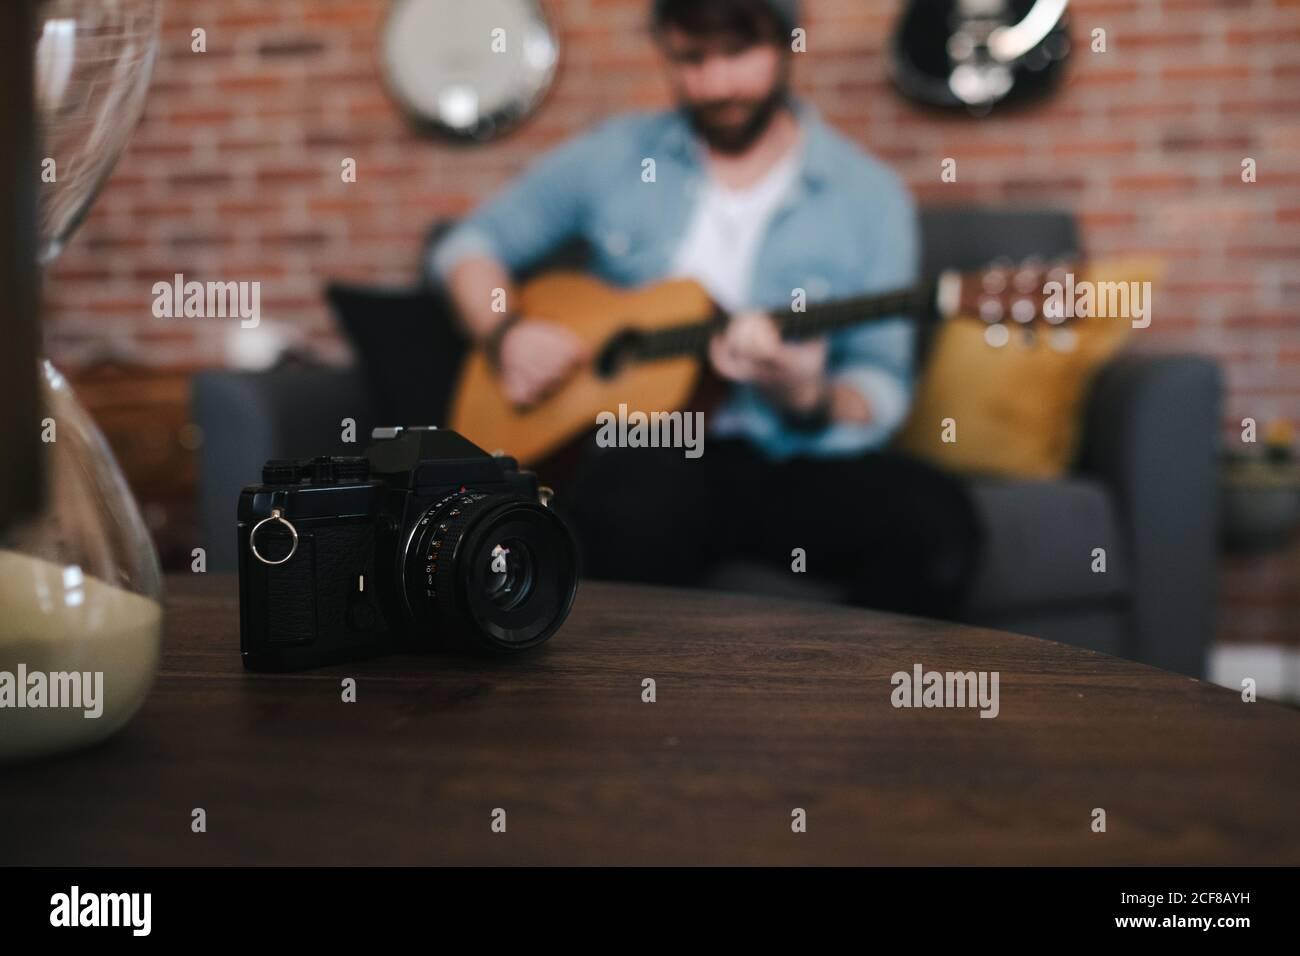 Corta a un tipo con barba en chaqueta de denim tocando la guitarra acústica mientras sentado en un acogedor sofá frente a una mesa de madera con cámara fotográfica y reloj de arena en casa Foto de stock